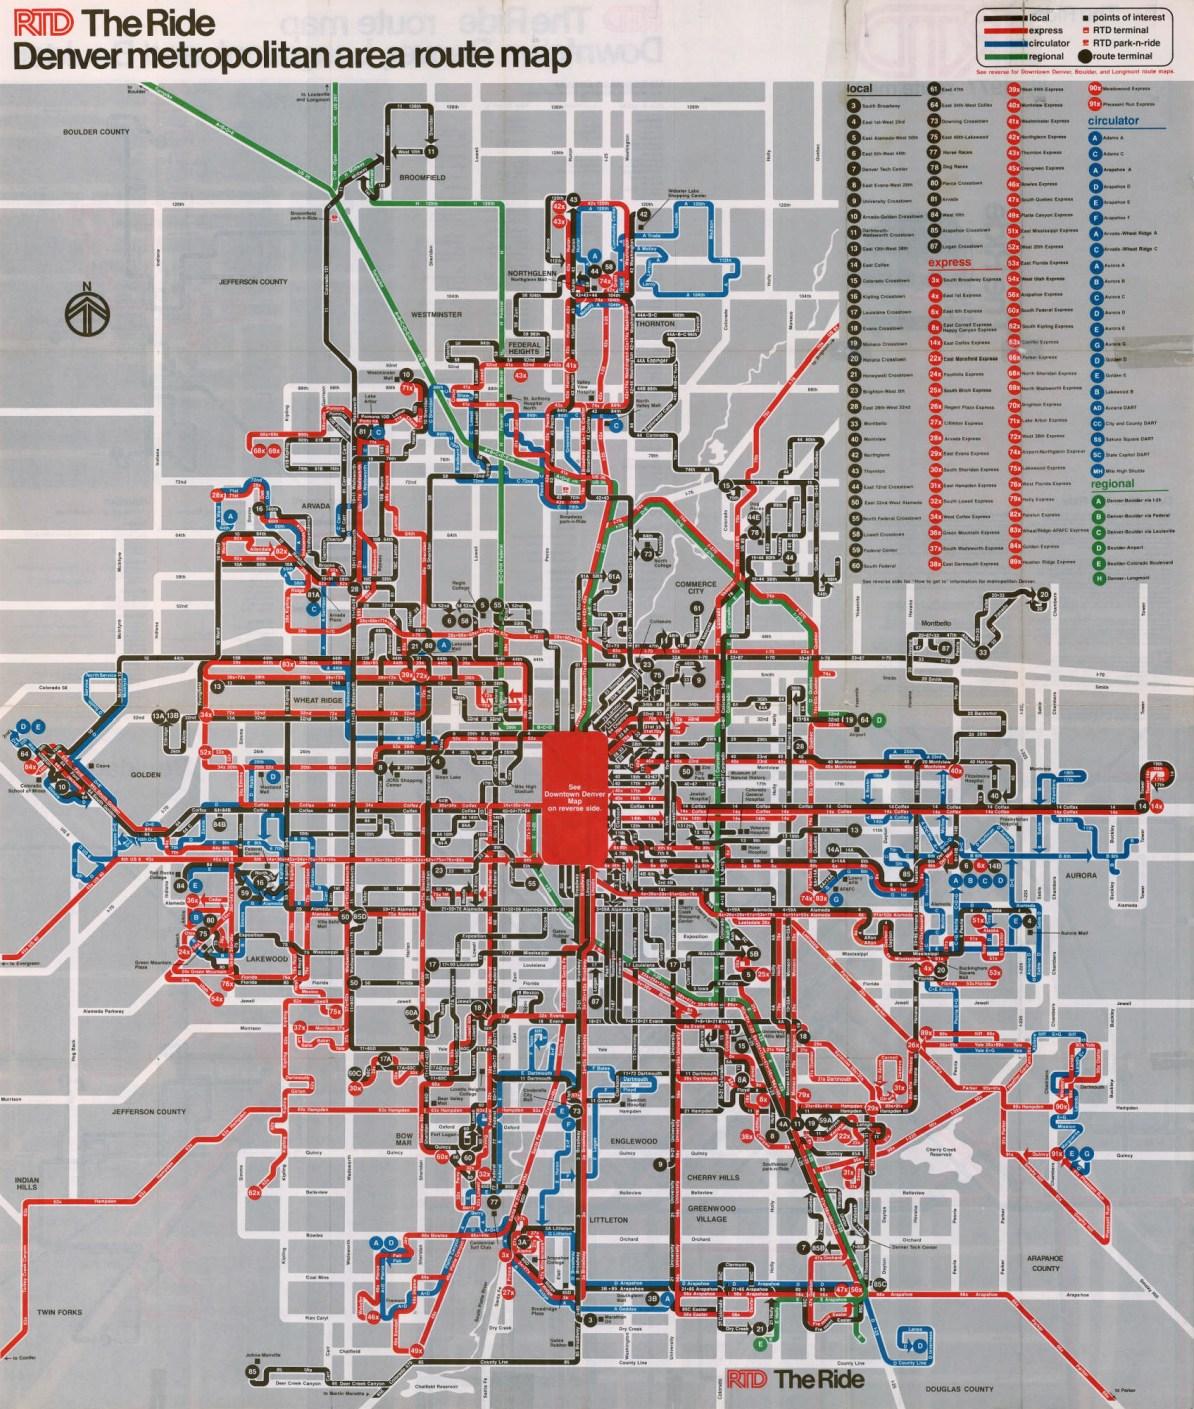 Transit Maps: Historical Map: Denver RTD Bus Network, 1977 on denver college, denver schools map, denver bike paths, denver culture map, denver rtd zones, denver taxi map, denver zip code boundary map, denver trails map, denver toll map, denver surrounding cities, denver freeways, denver rtd map, denver tourism map, denver hotels map, denver lrt map, denver beer company, denver bus system, denver national airport, denver mugshots, denver region map,